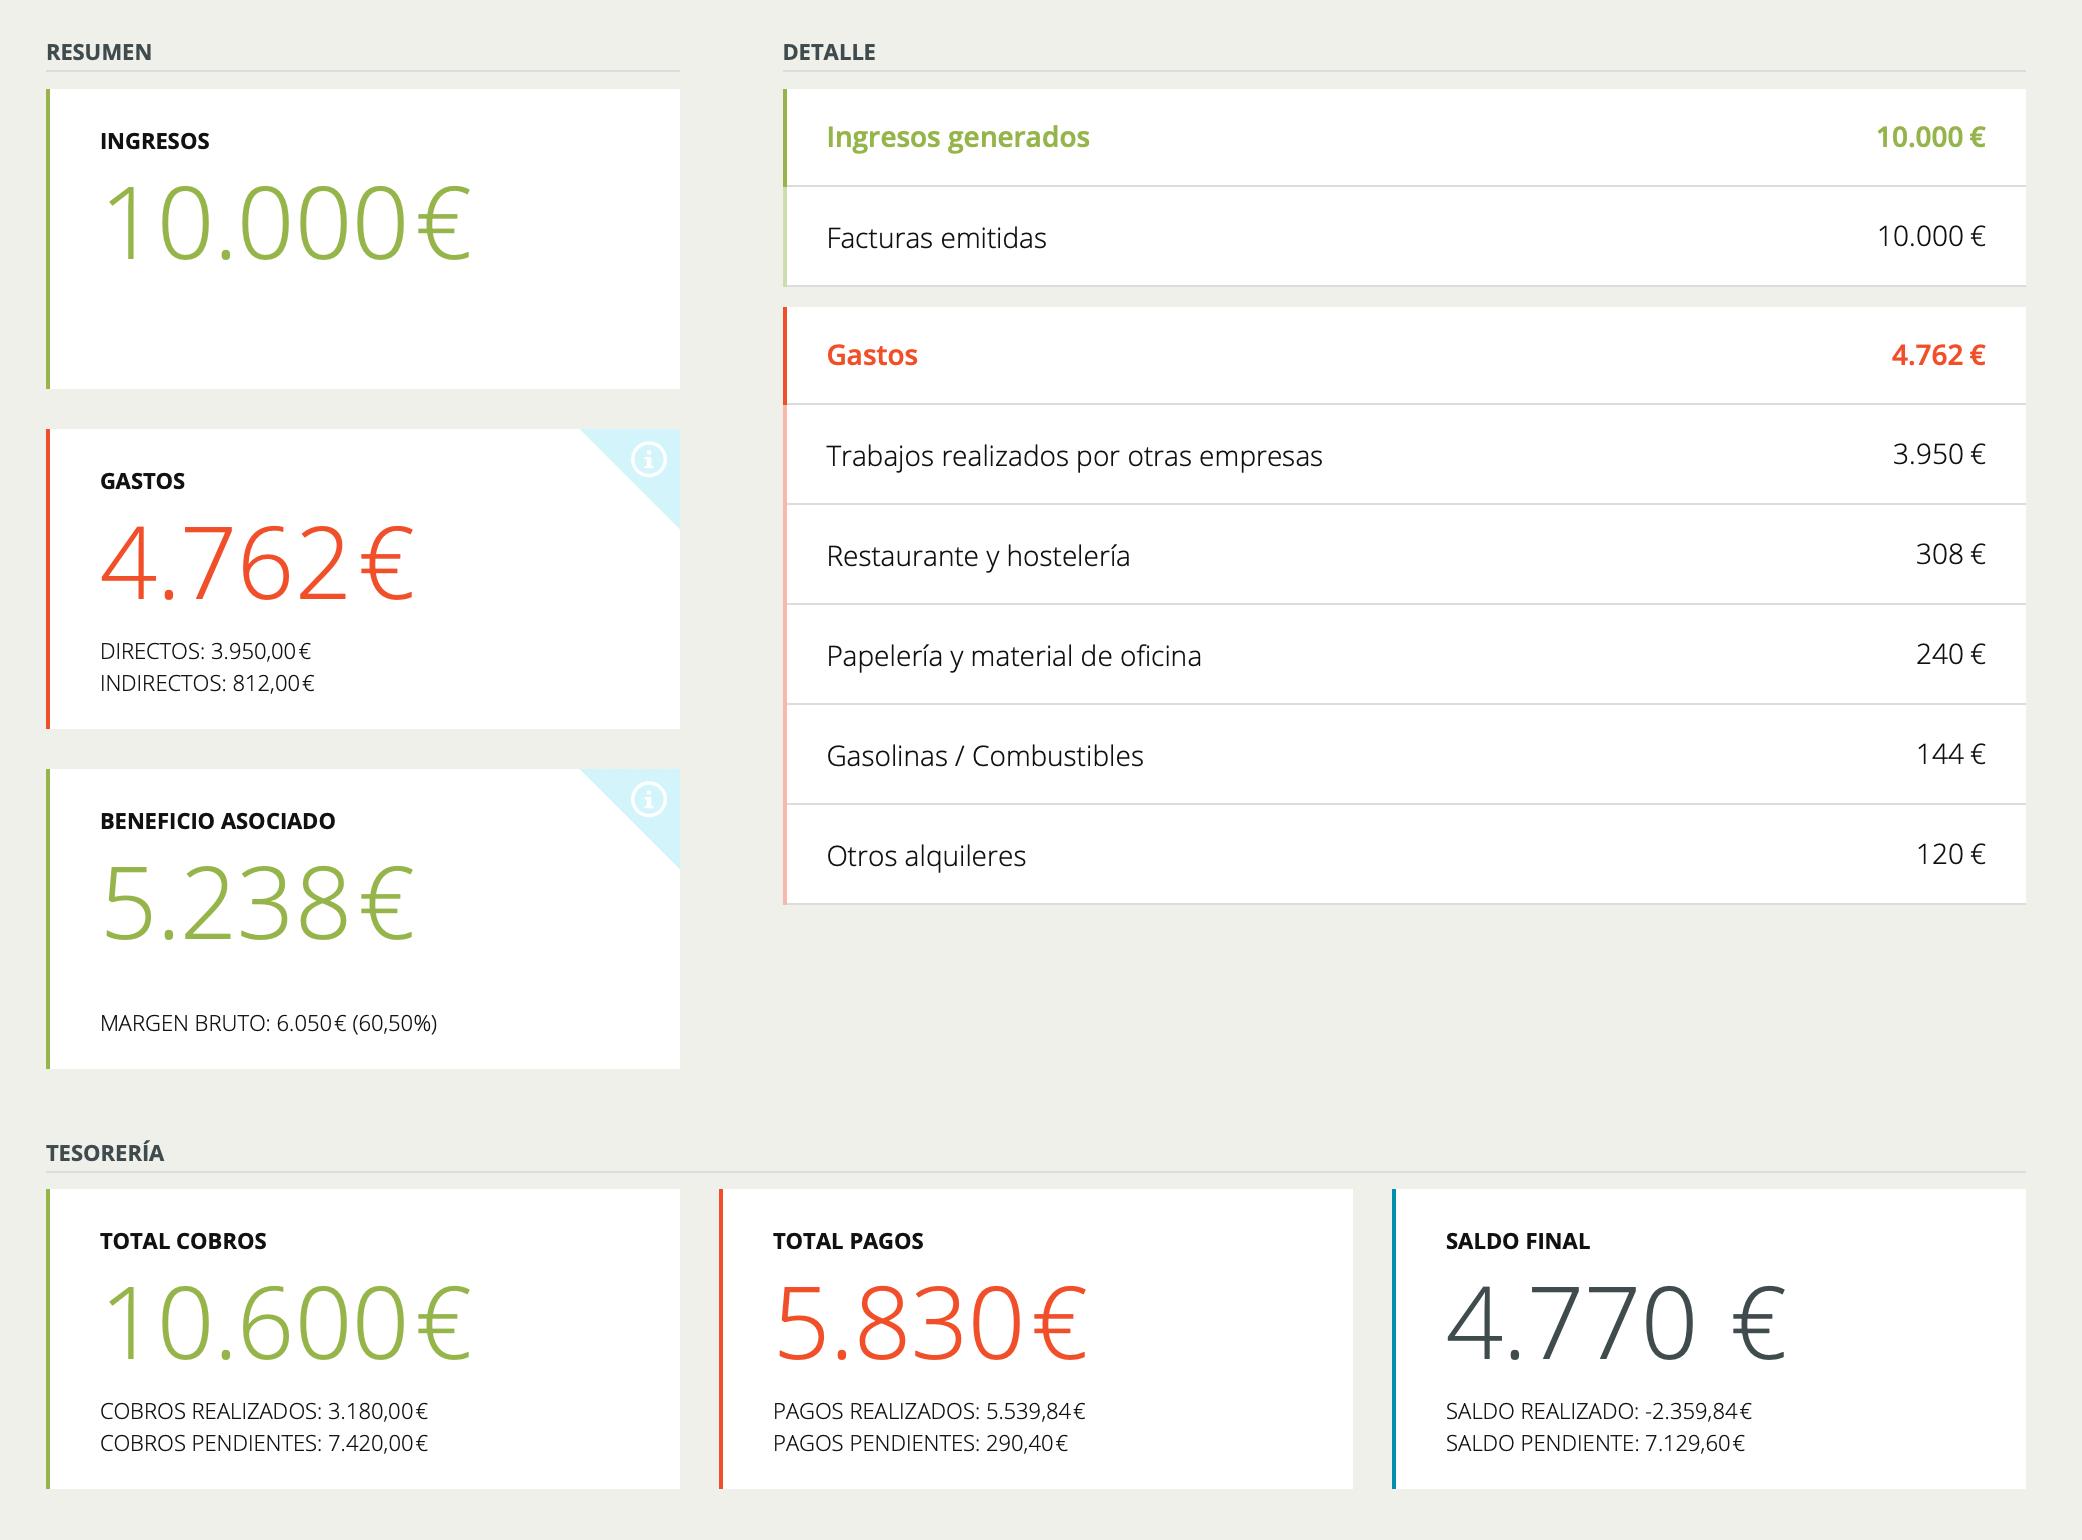 Resumen de informe de rentabilidad de un proyecto